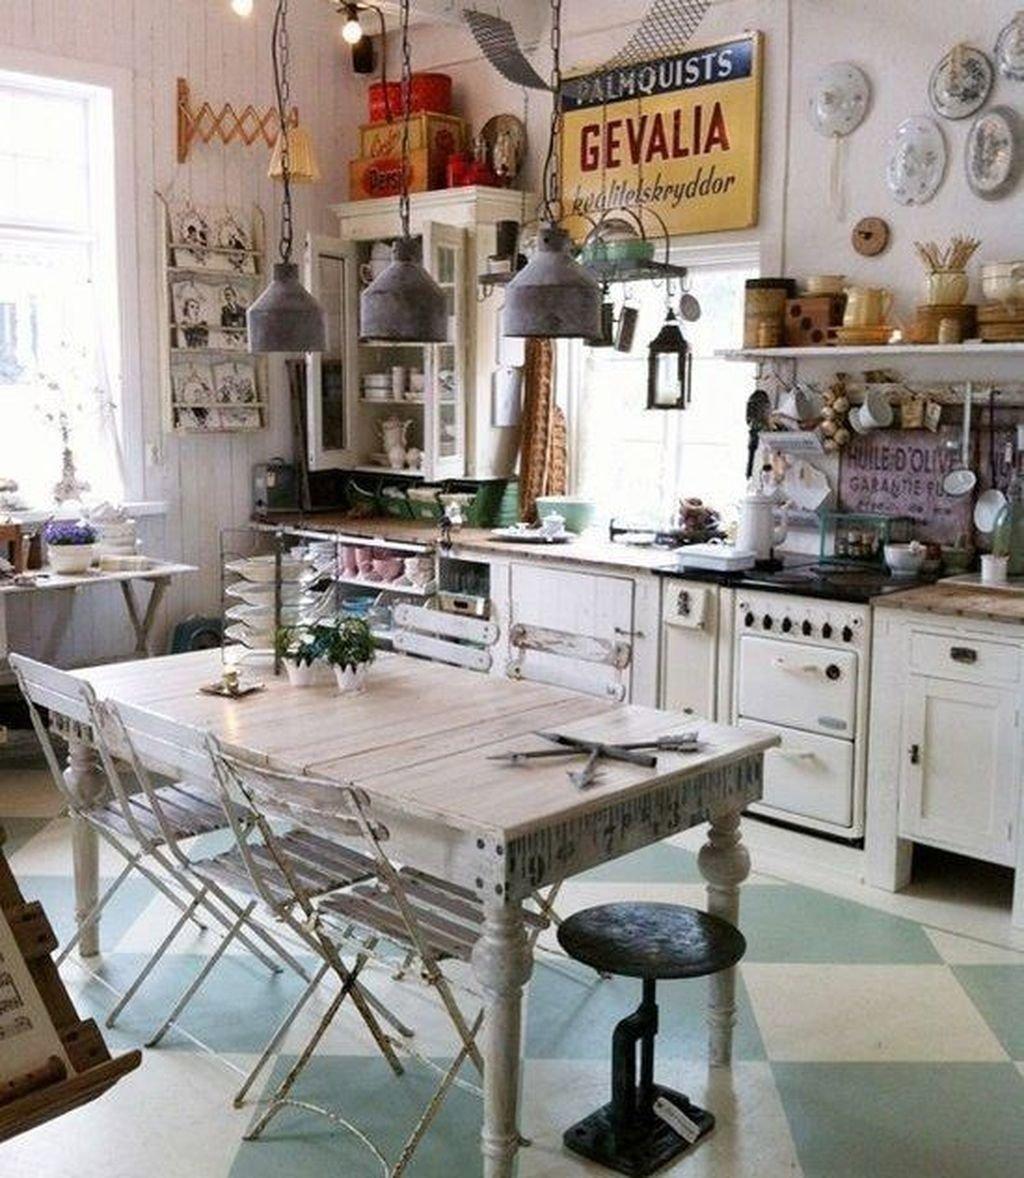 Arredamento Stile Hippie l'esuberanza dello stile bohemien nell'arredare casa